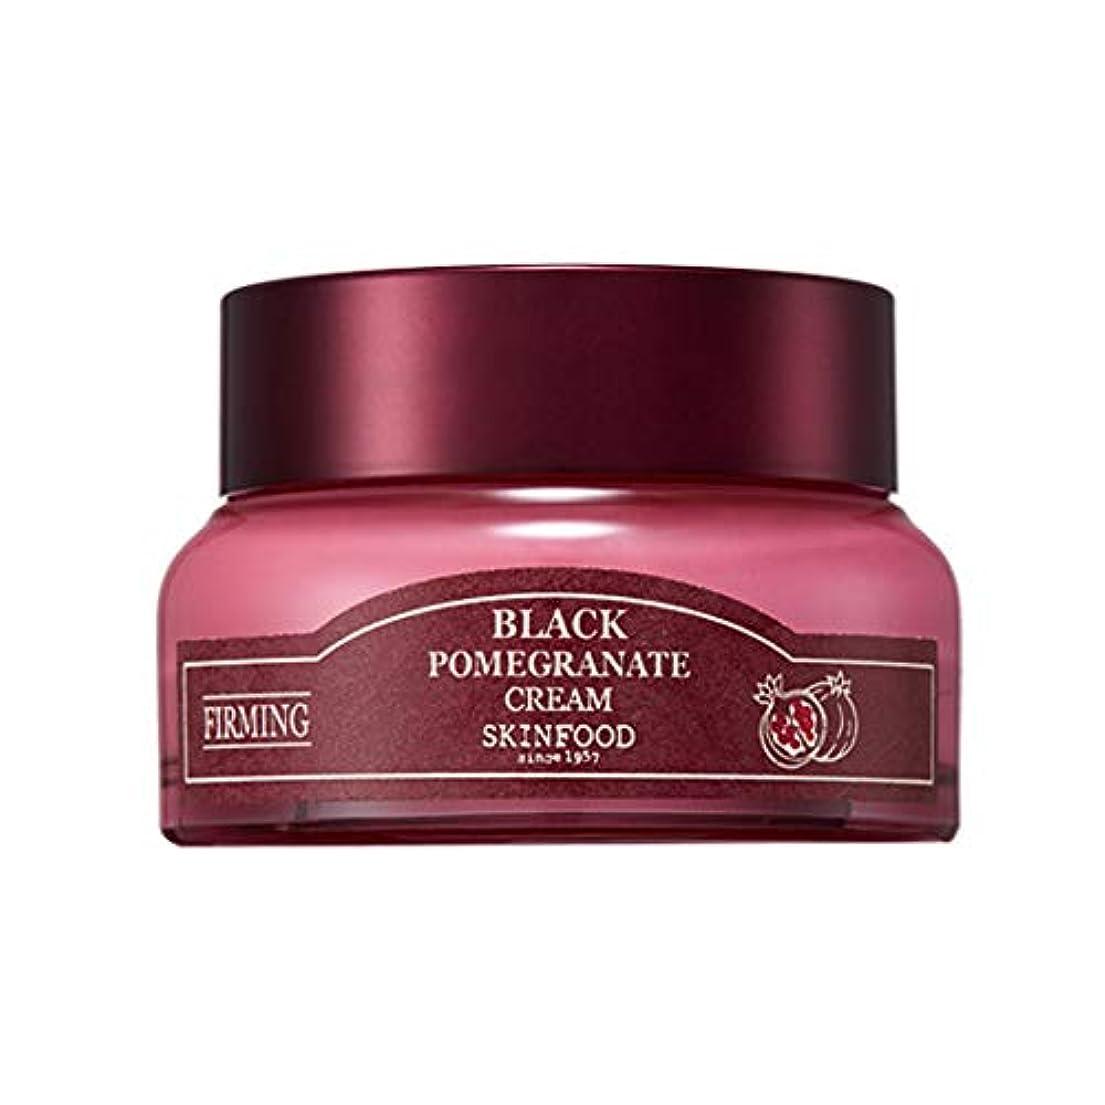 アプライアンス多用途画像Skinfood 黒ザクロクリーム(しわ防止効果) / Black Pomegranate Cream (Anti-Wrinkle Effect) 54ml [並行輸入品]